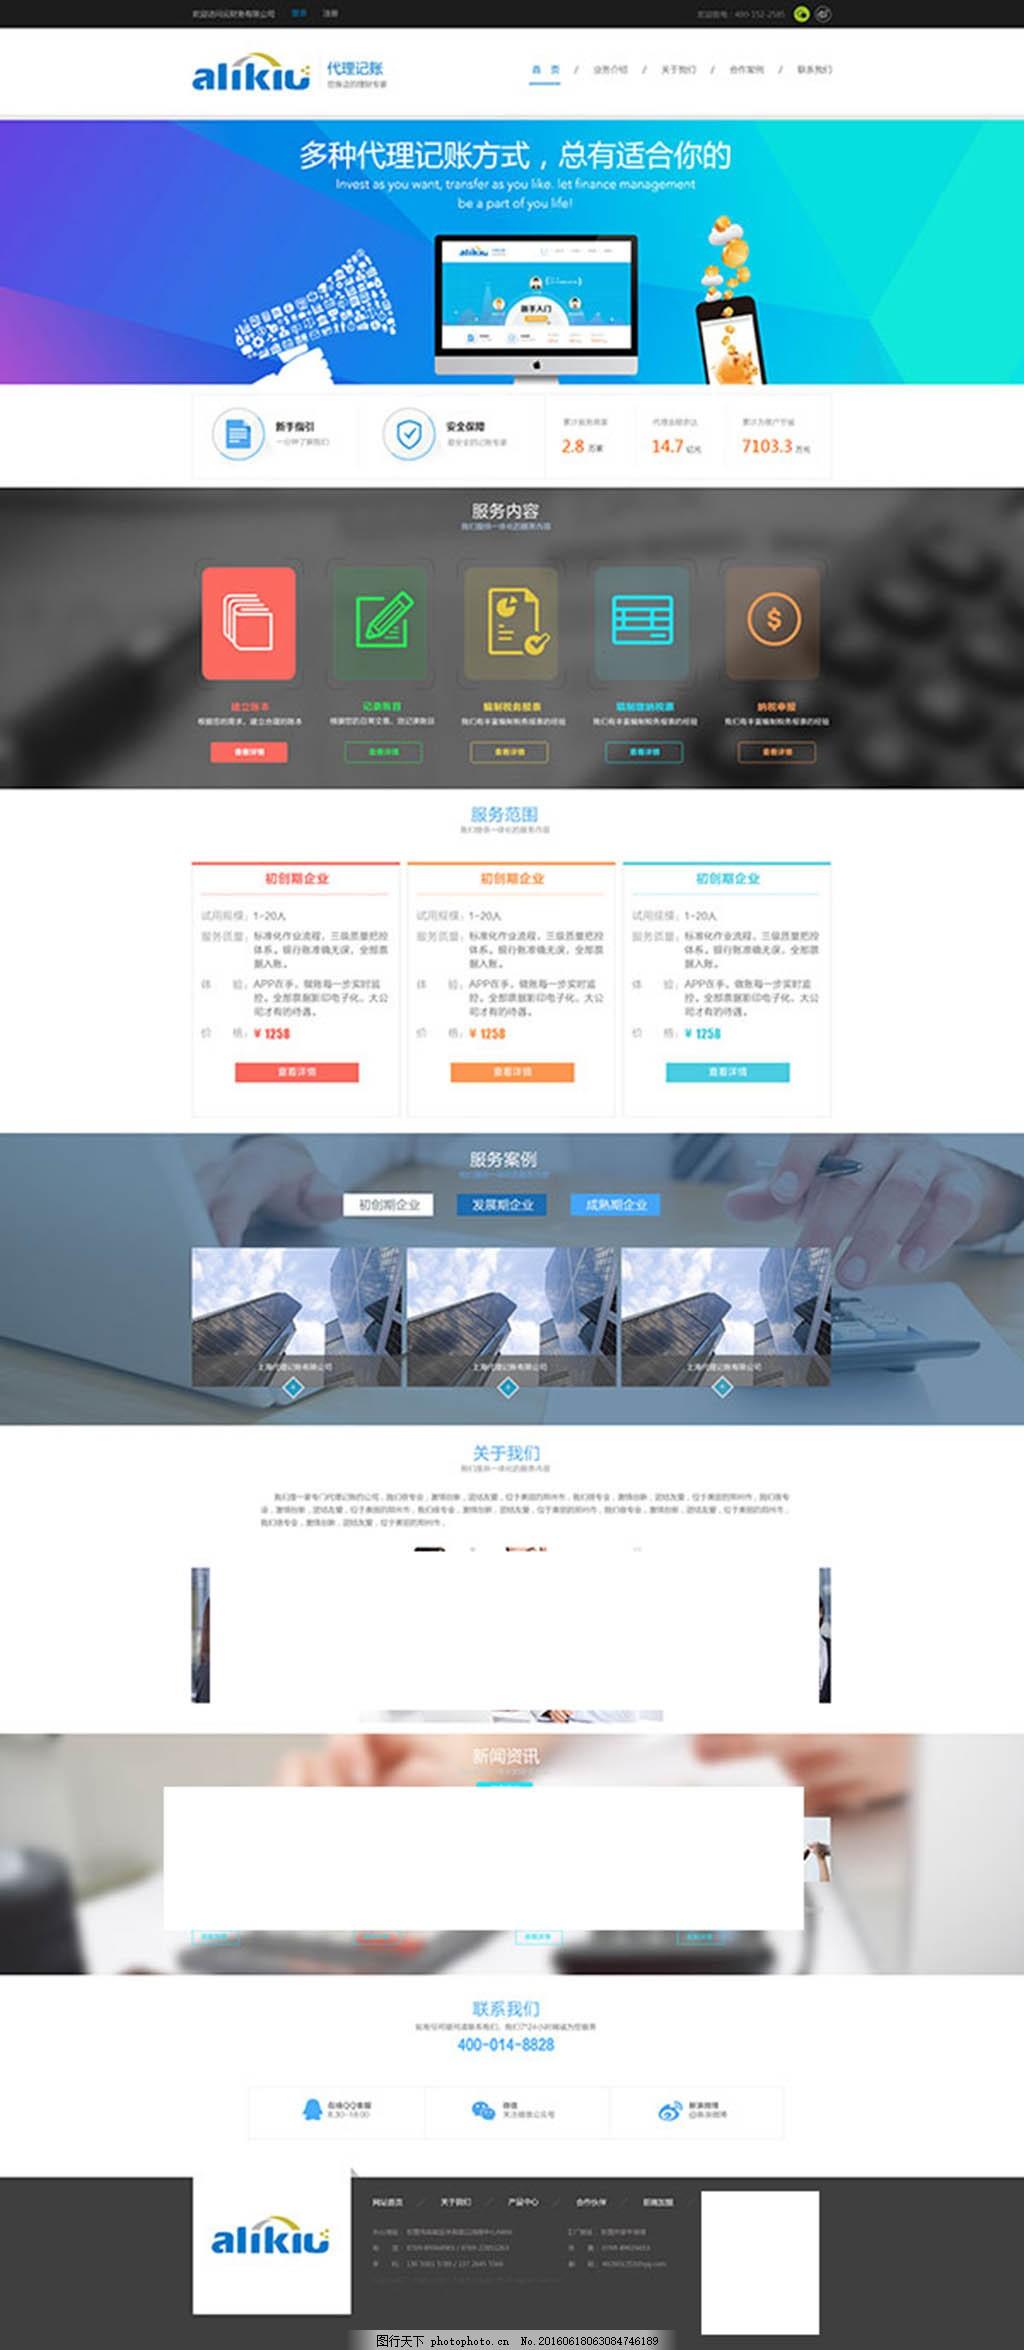 扁平化代理记账网页模板图片郑州壹目视觉平面设计有限公司图片